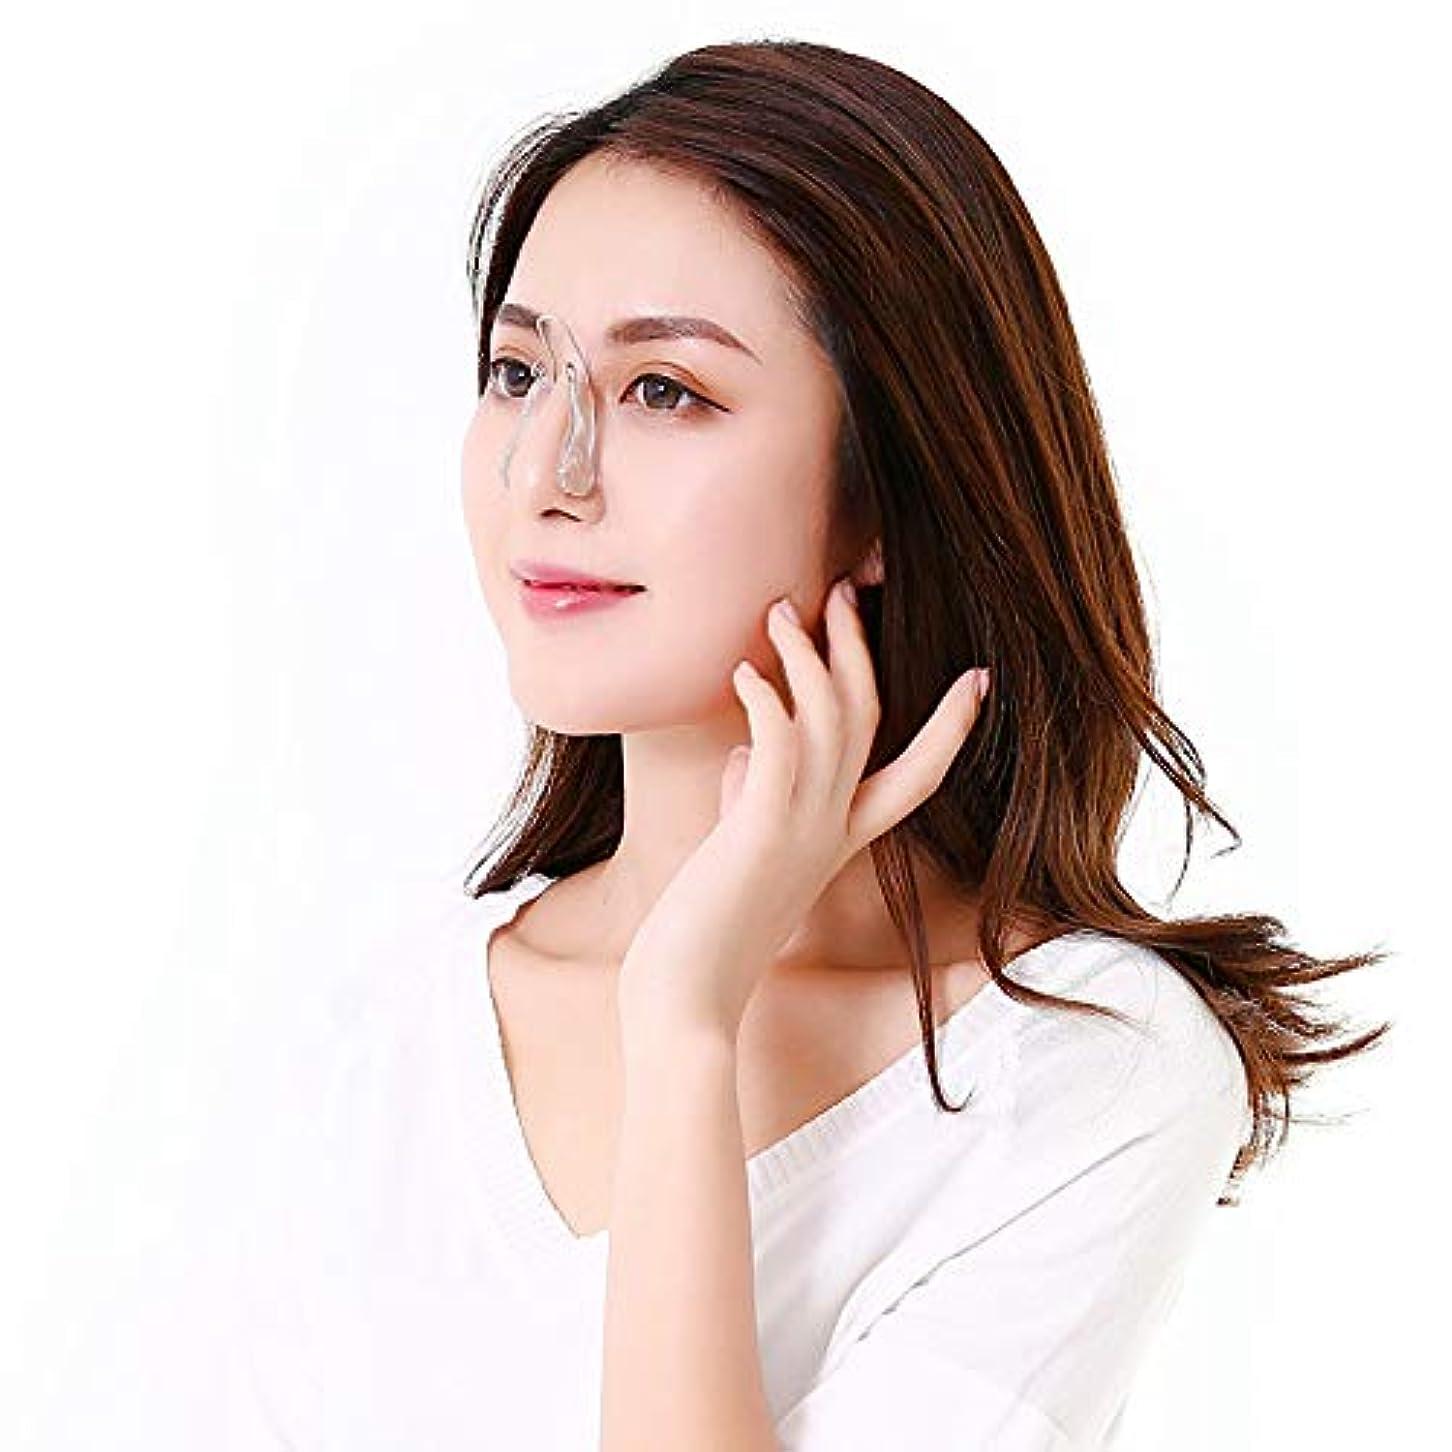 ノーズクリップ 鼻高く 美鼻 プチ 矯正 整形 鼻筋 団子鼻 ブタ鼻 小鼻 補正 器具 ツンと鼻がアップ もっと 高くする 簡単 手軽